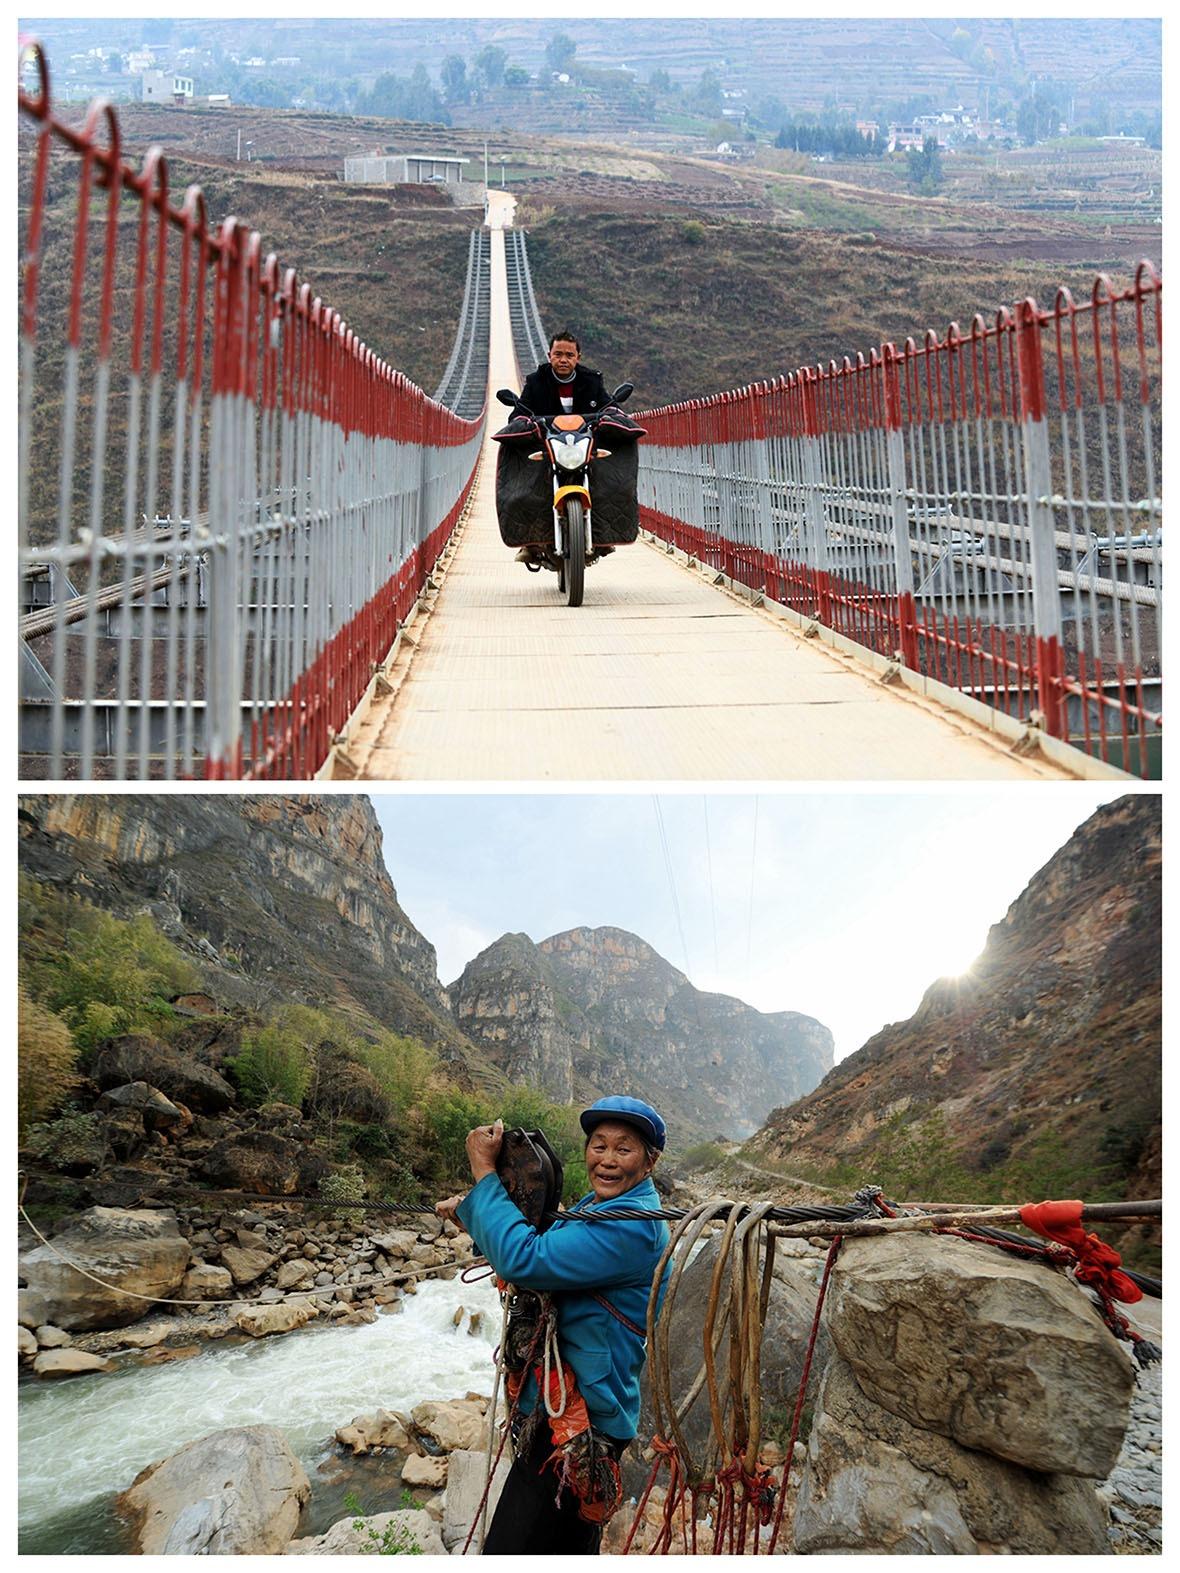 改革開放後,政府在中國西部的怒江、瀾滄江、獨龍江、金沙江等險要地段,立起過百道安穩便捷的石屎橋墎,全面取代步步驚心的高空溜索。(網上圖片)